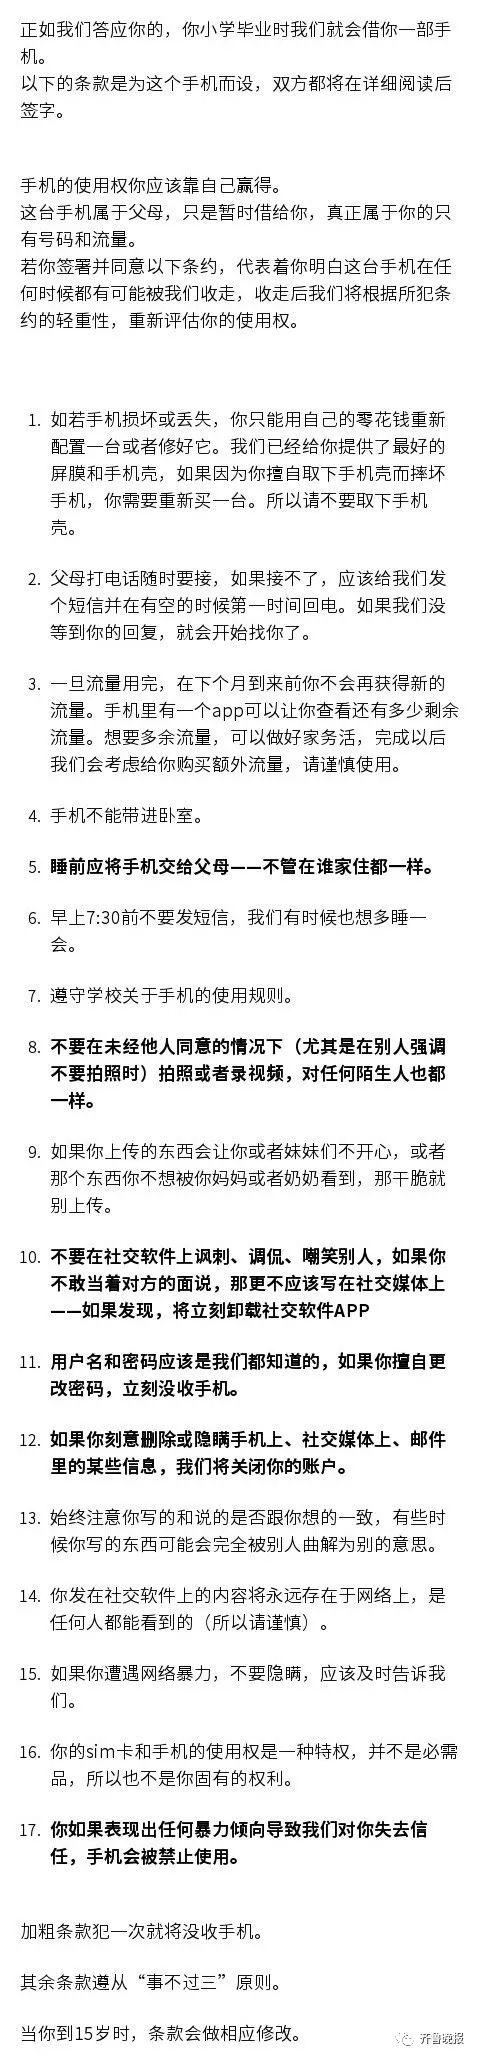 儿子小学刚毕业就想要手机 这位外国妈妈列了17条使用规定